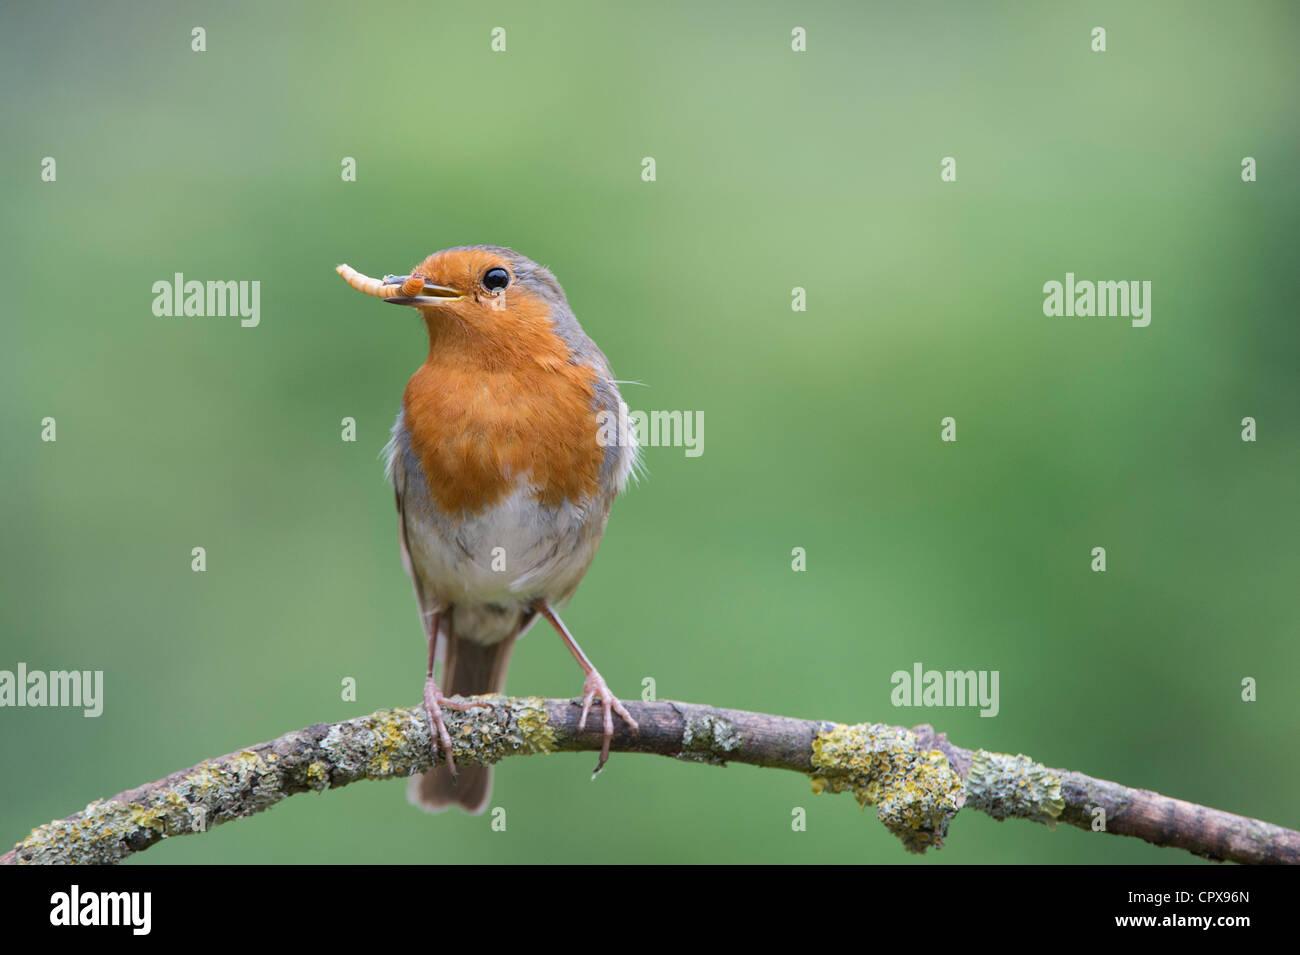 Petirrojo posado en una rama con un mealworm en su pico Imagen De Stock